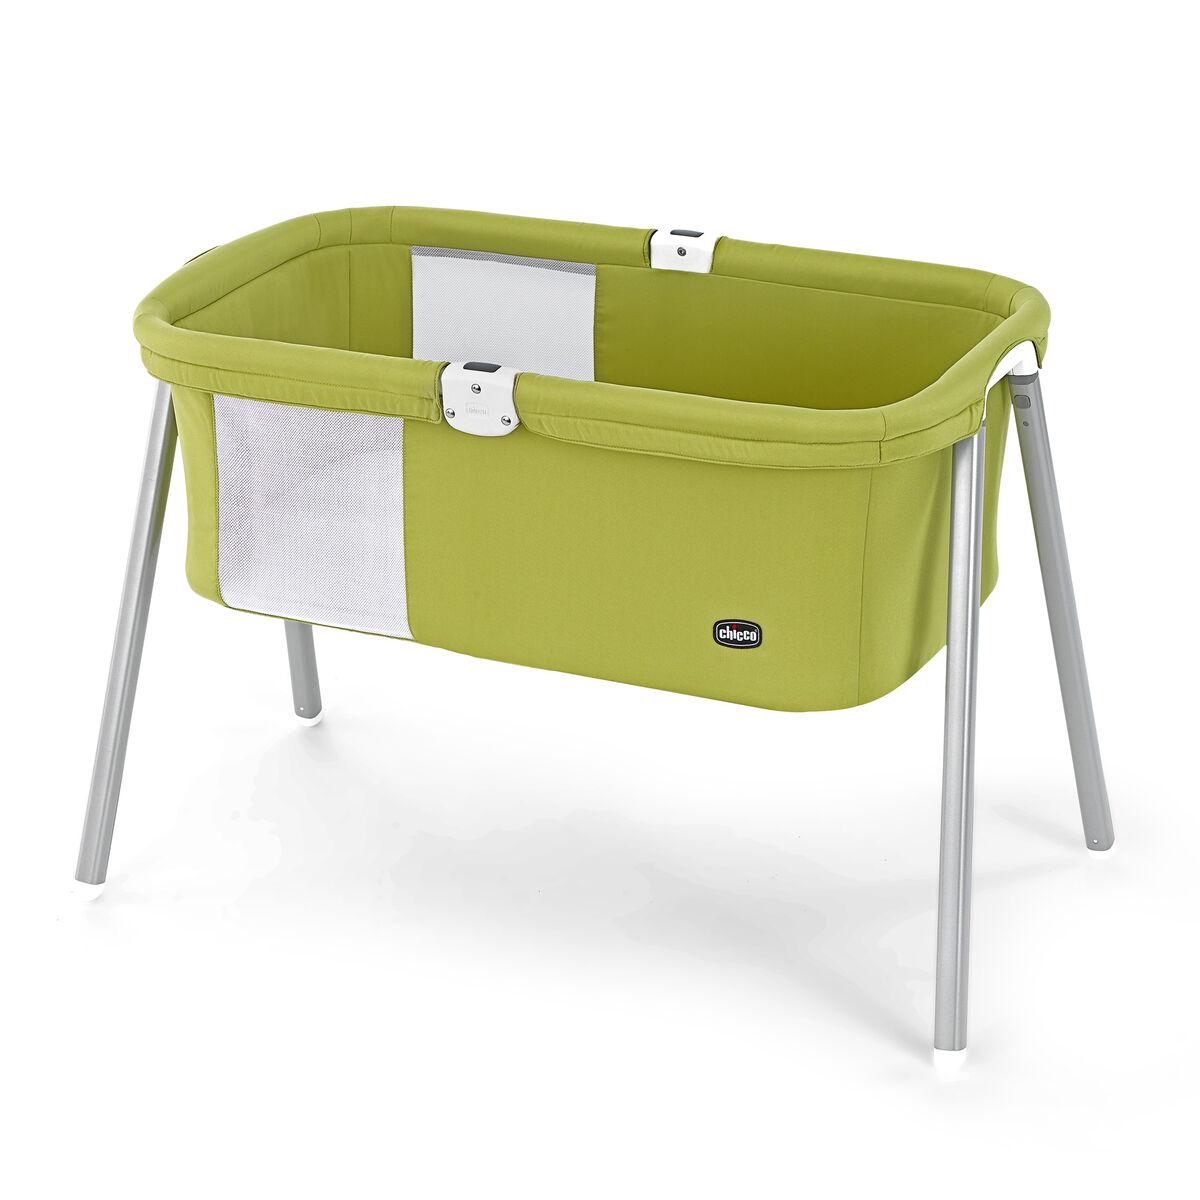 chicco lullago portable bassinet  pistachio - lullago portable bassinet  pistachiolullago portable bassinet  pistachio